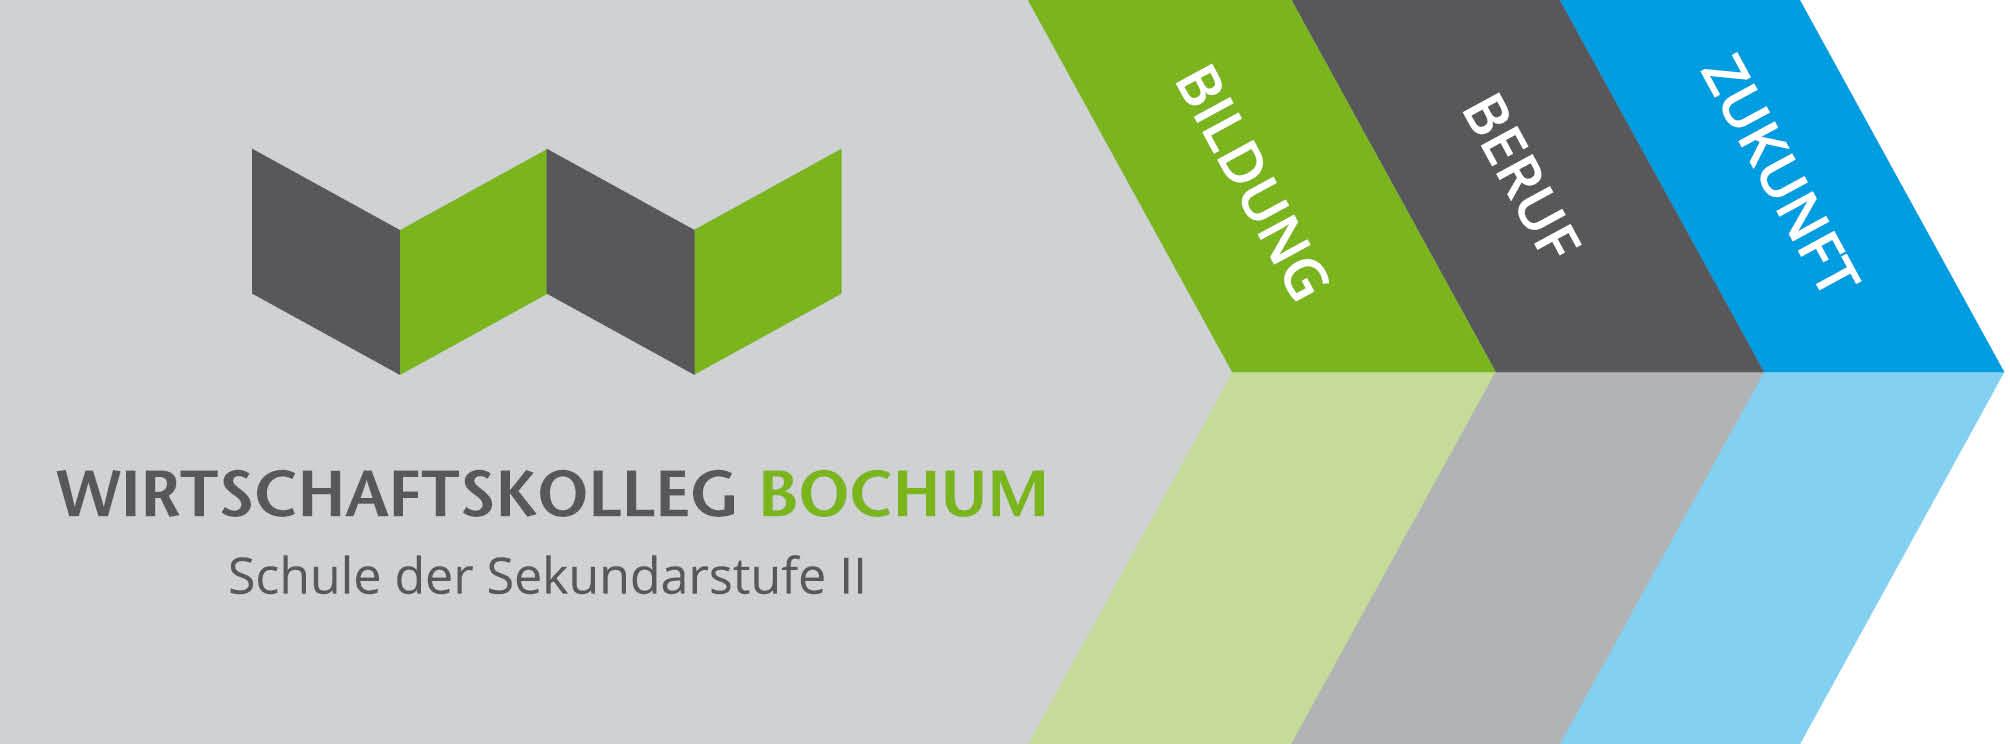 Wirtschaftskolleg Bochum